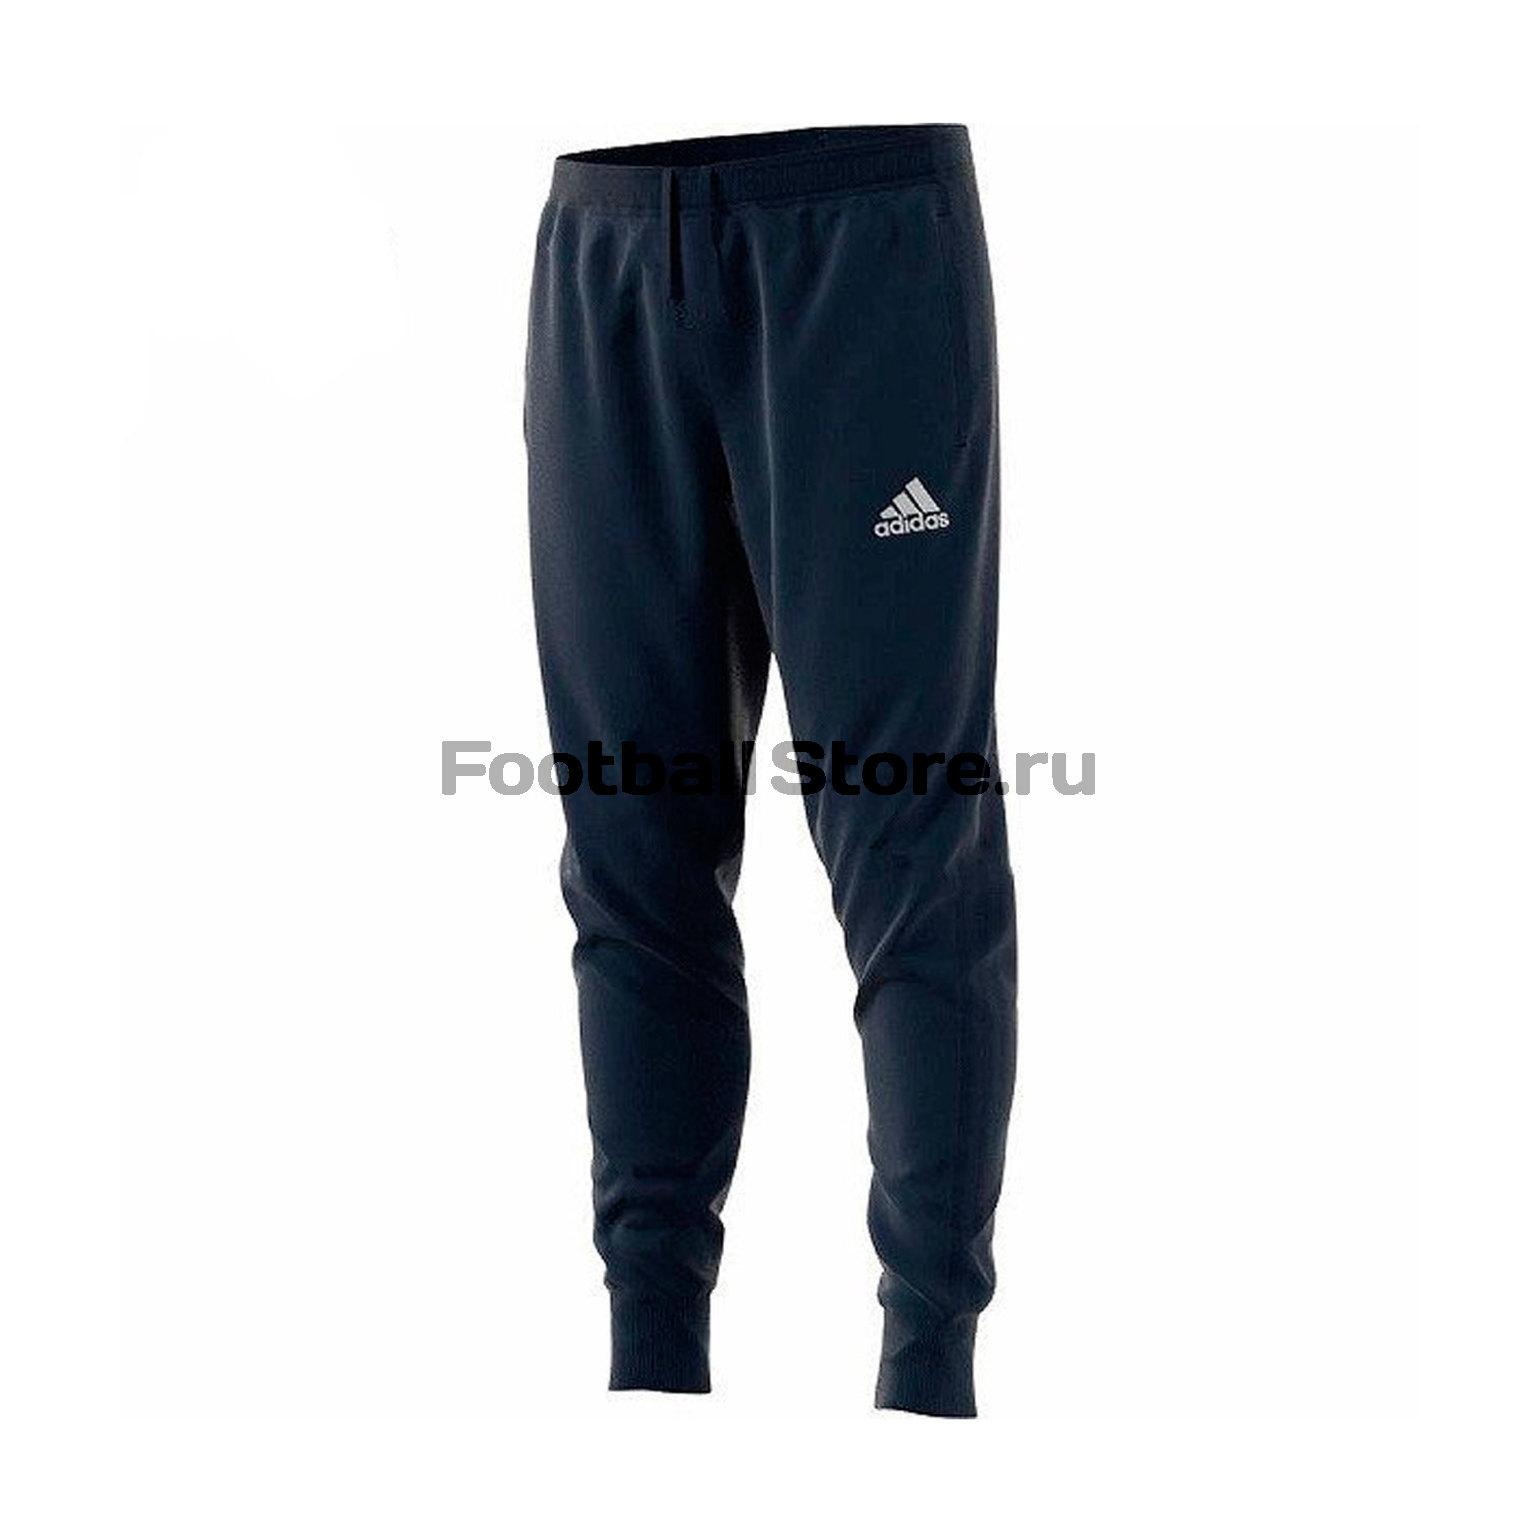 Брюки Adidas Брюки тренировочные Adidas Tiro17 SWT PNT BQ2678 adidas брюки mufc eu swt pnt